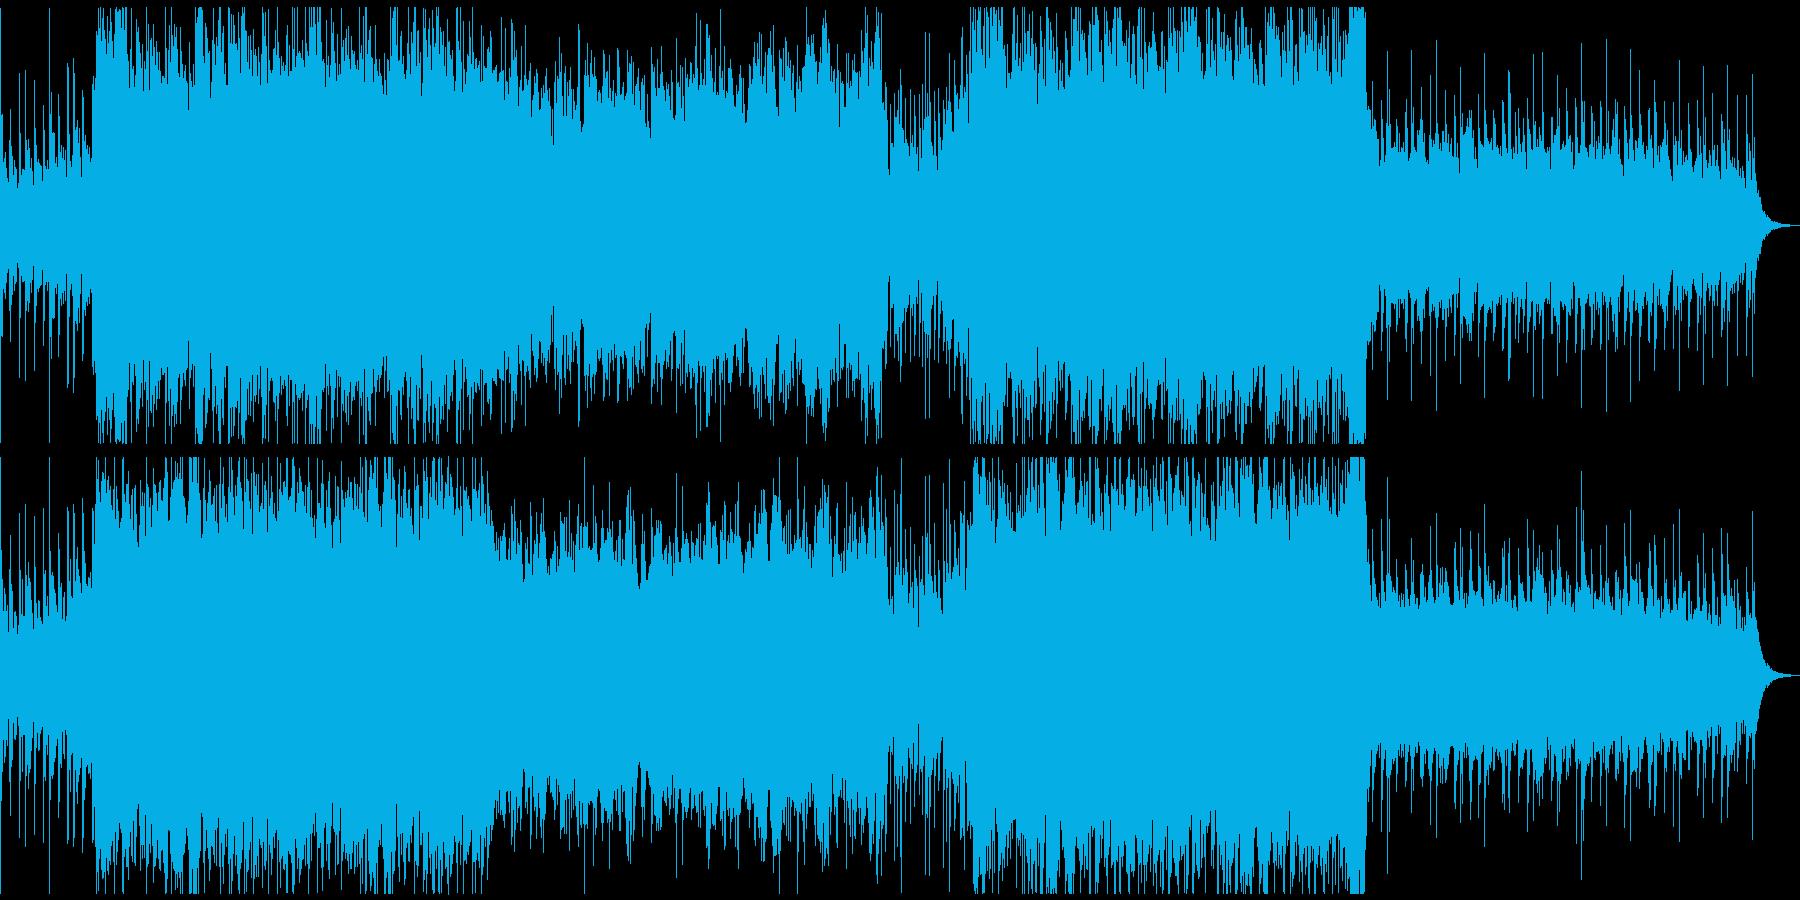 壮大で重厚な映画のPVの様な曲の再生済みの波形